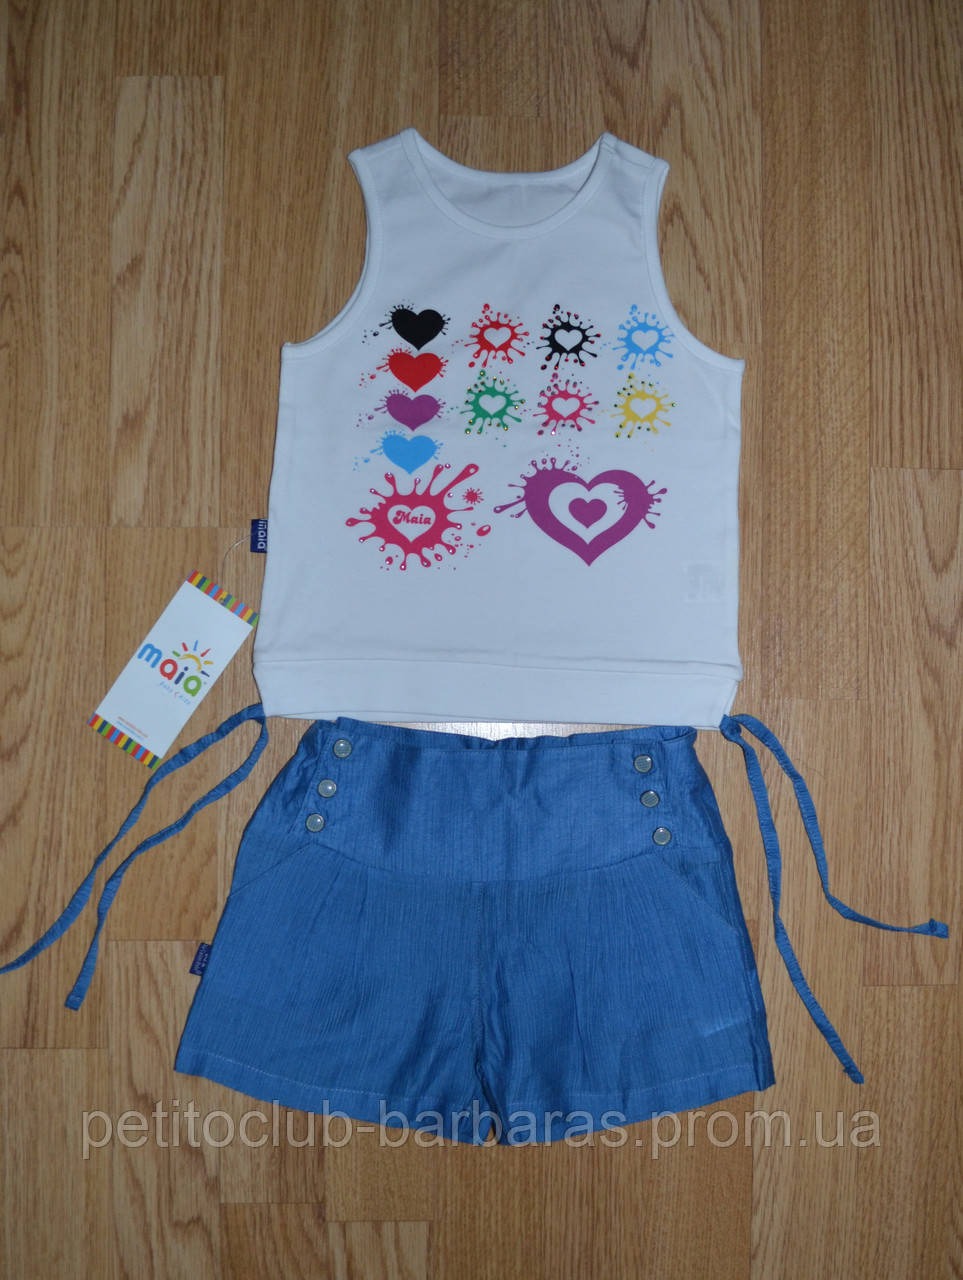 Дитячий літній комплект 2-ка для дівчинки (майка+шорти) ( Maia, Туреччина)